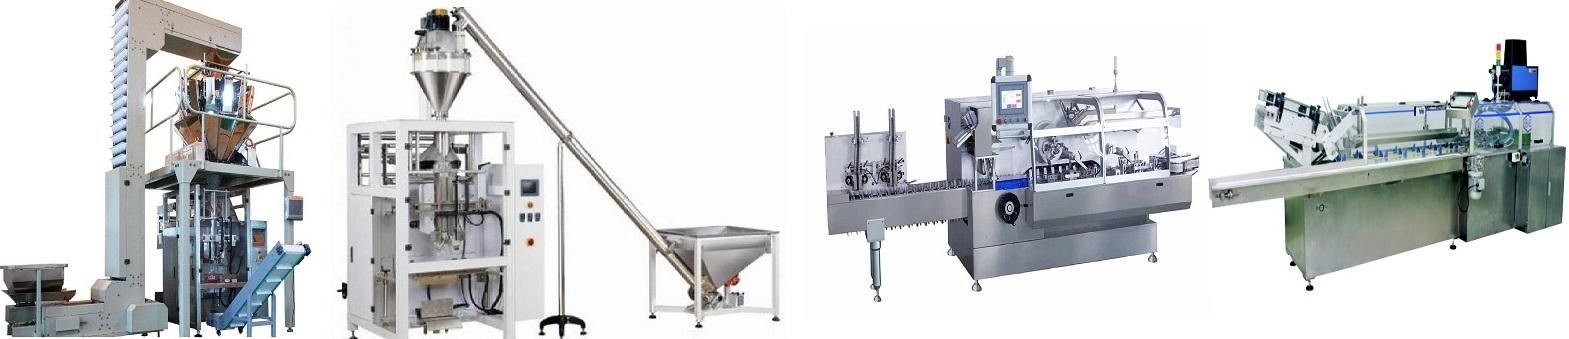 扬州瑞吉输送机械设备有限公司